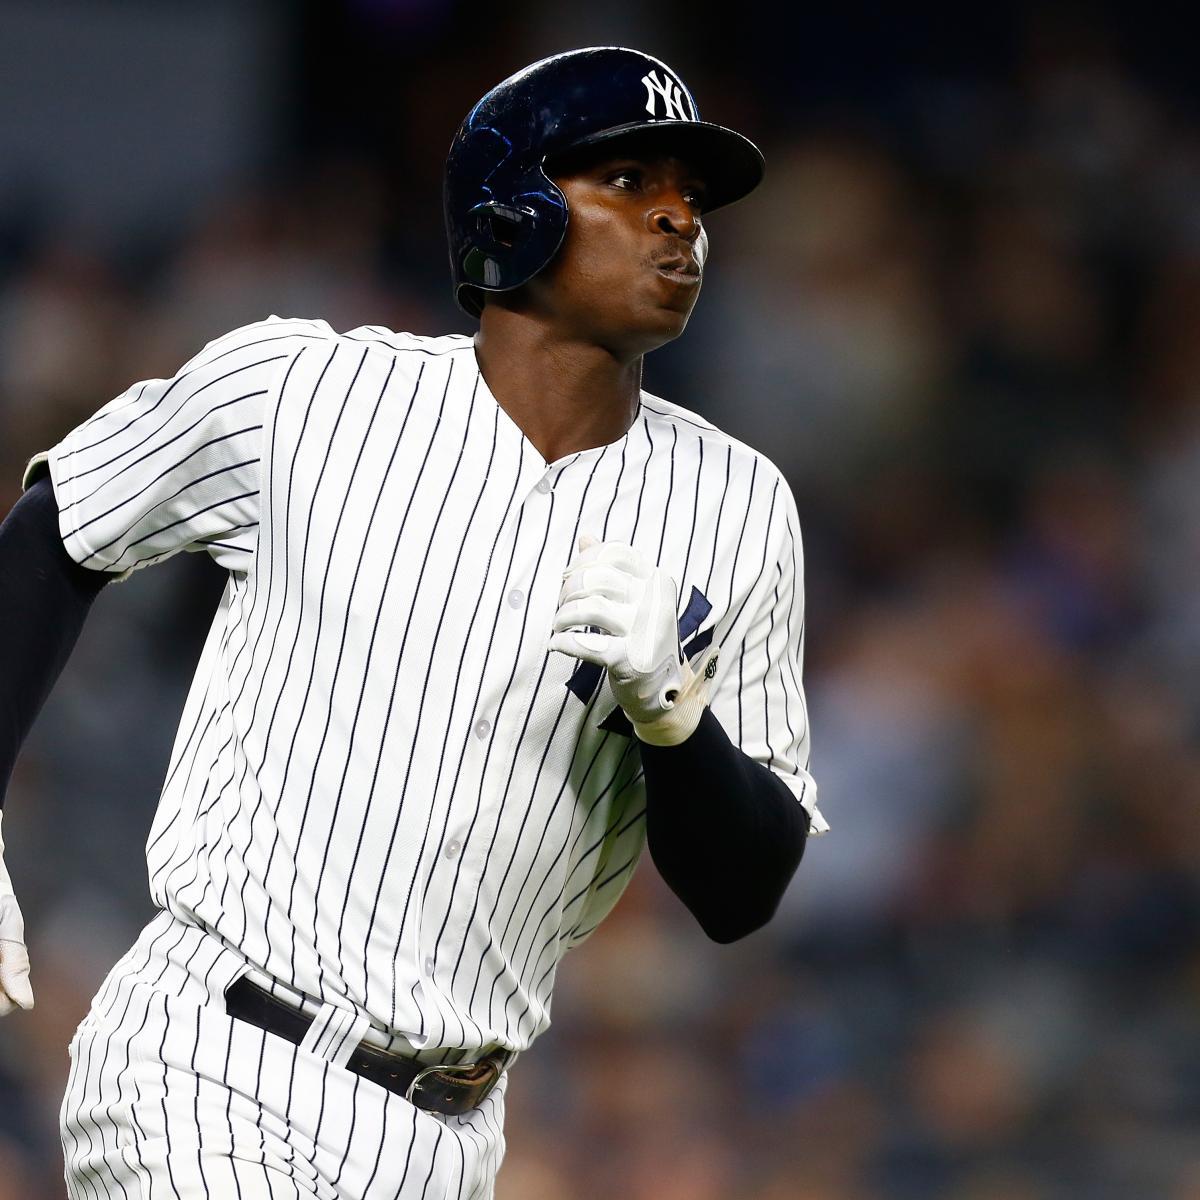 Yankees News: Didi Gregorius Cleared For Baseball